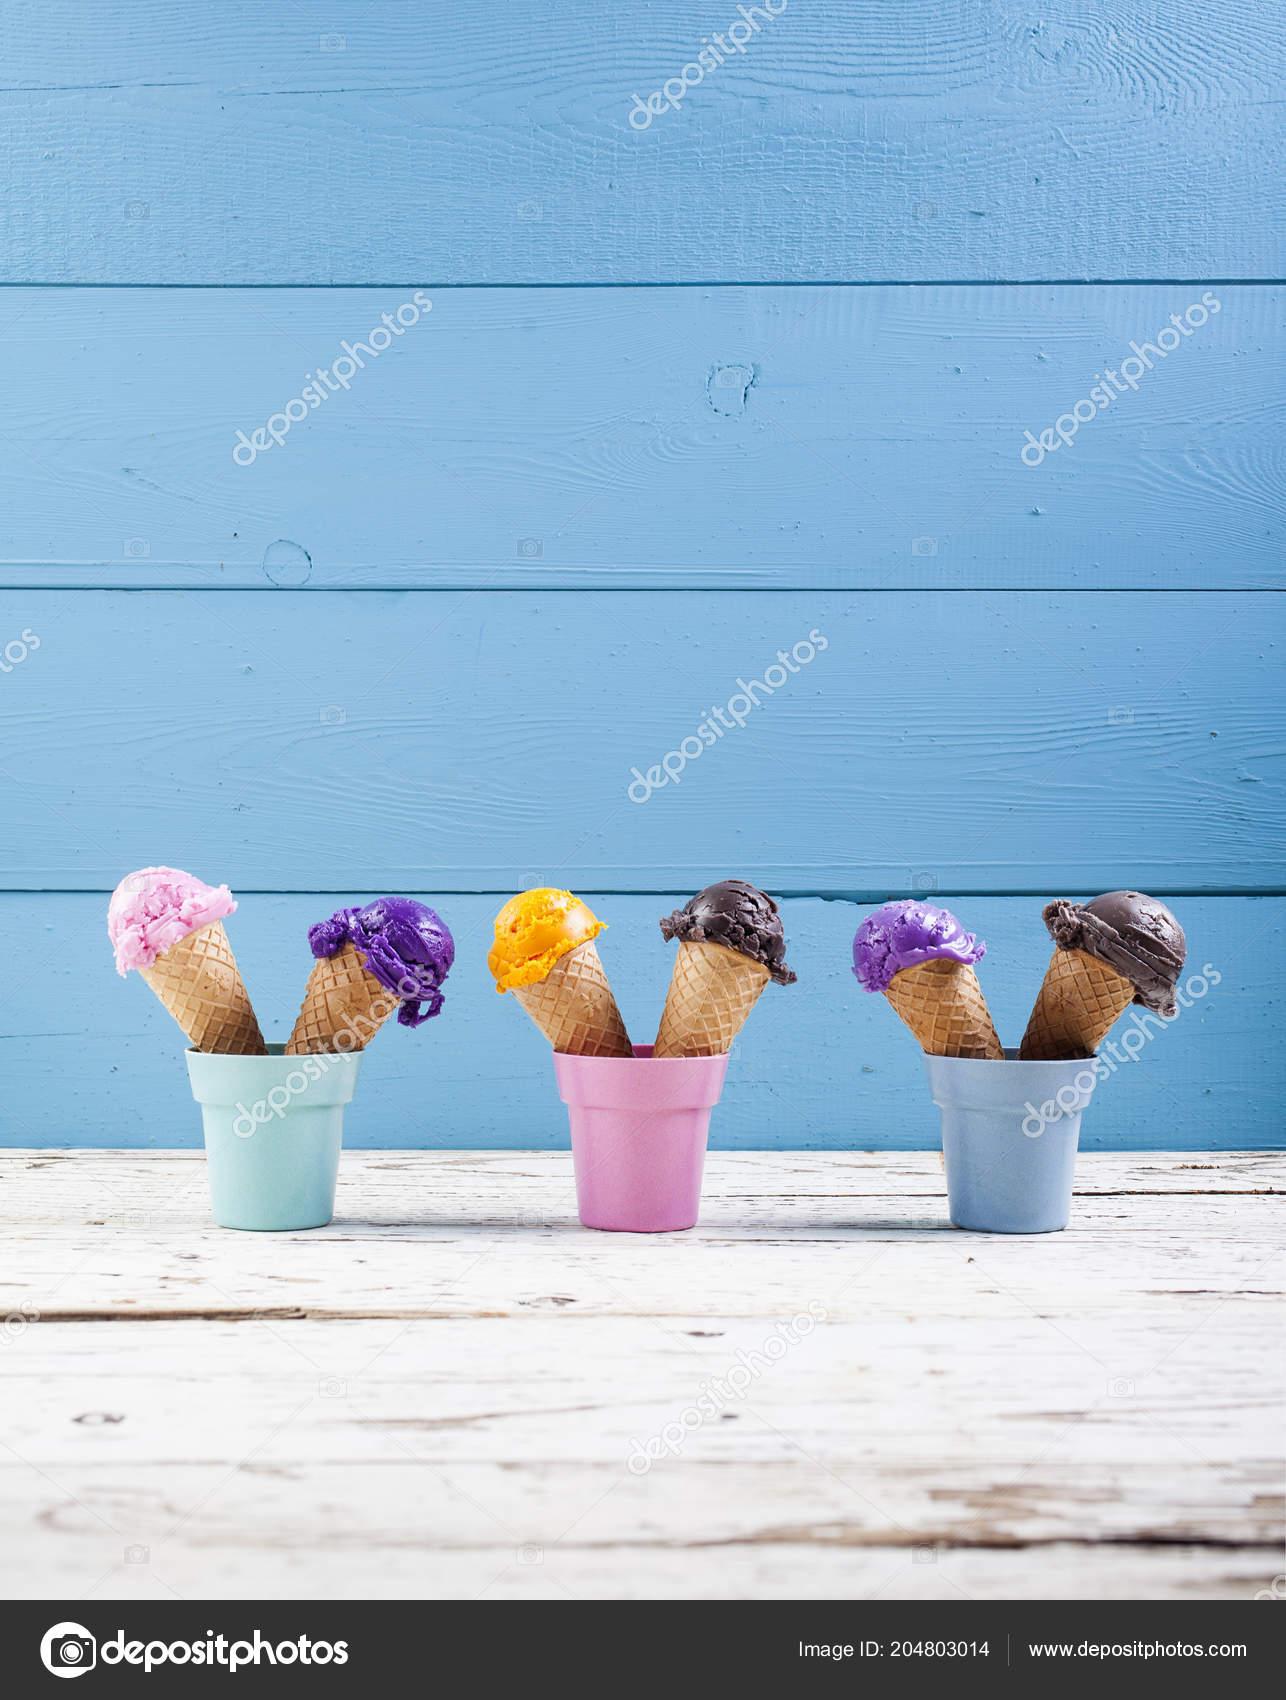 8c4d1fac2dc0 Různé Kopečky Zmrzliny Modrém Podkladu Různé Míčky Borůvka Čokoláda ...